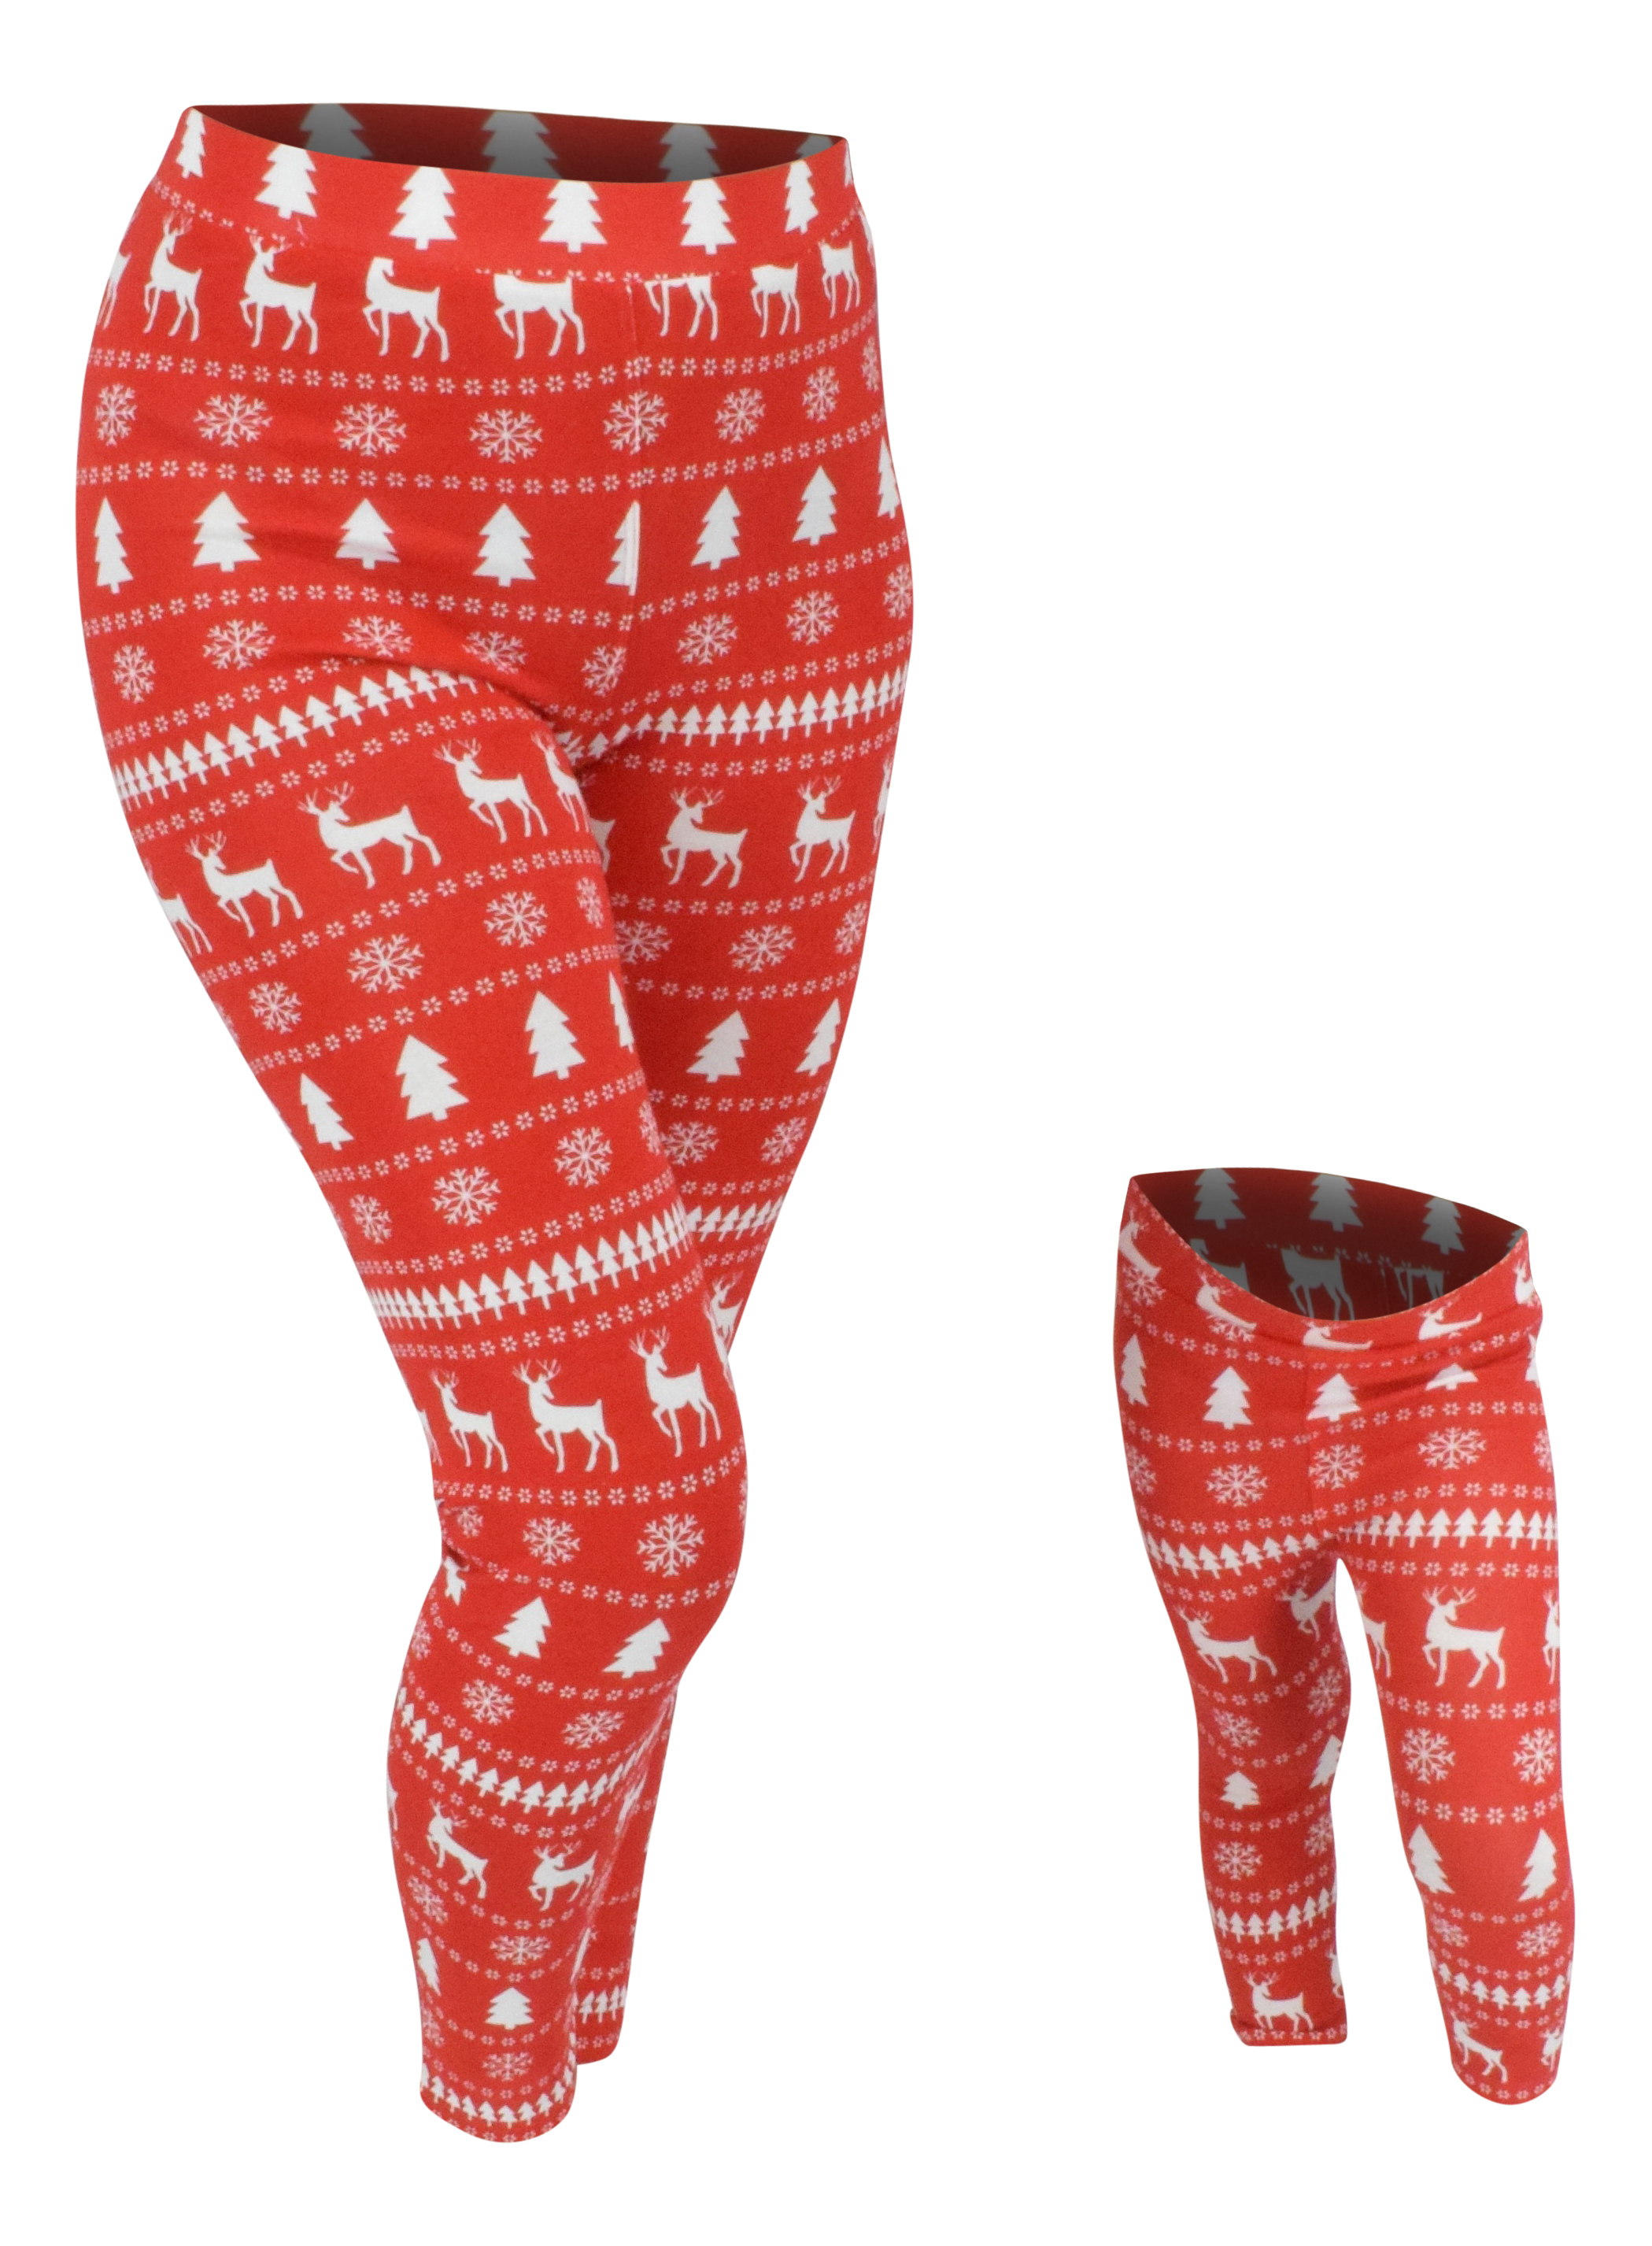 UB Winter Print Matching Family Christmas Pajama Pants ...